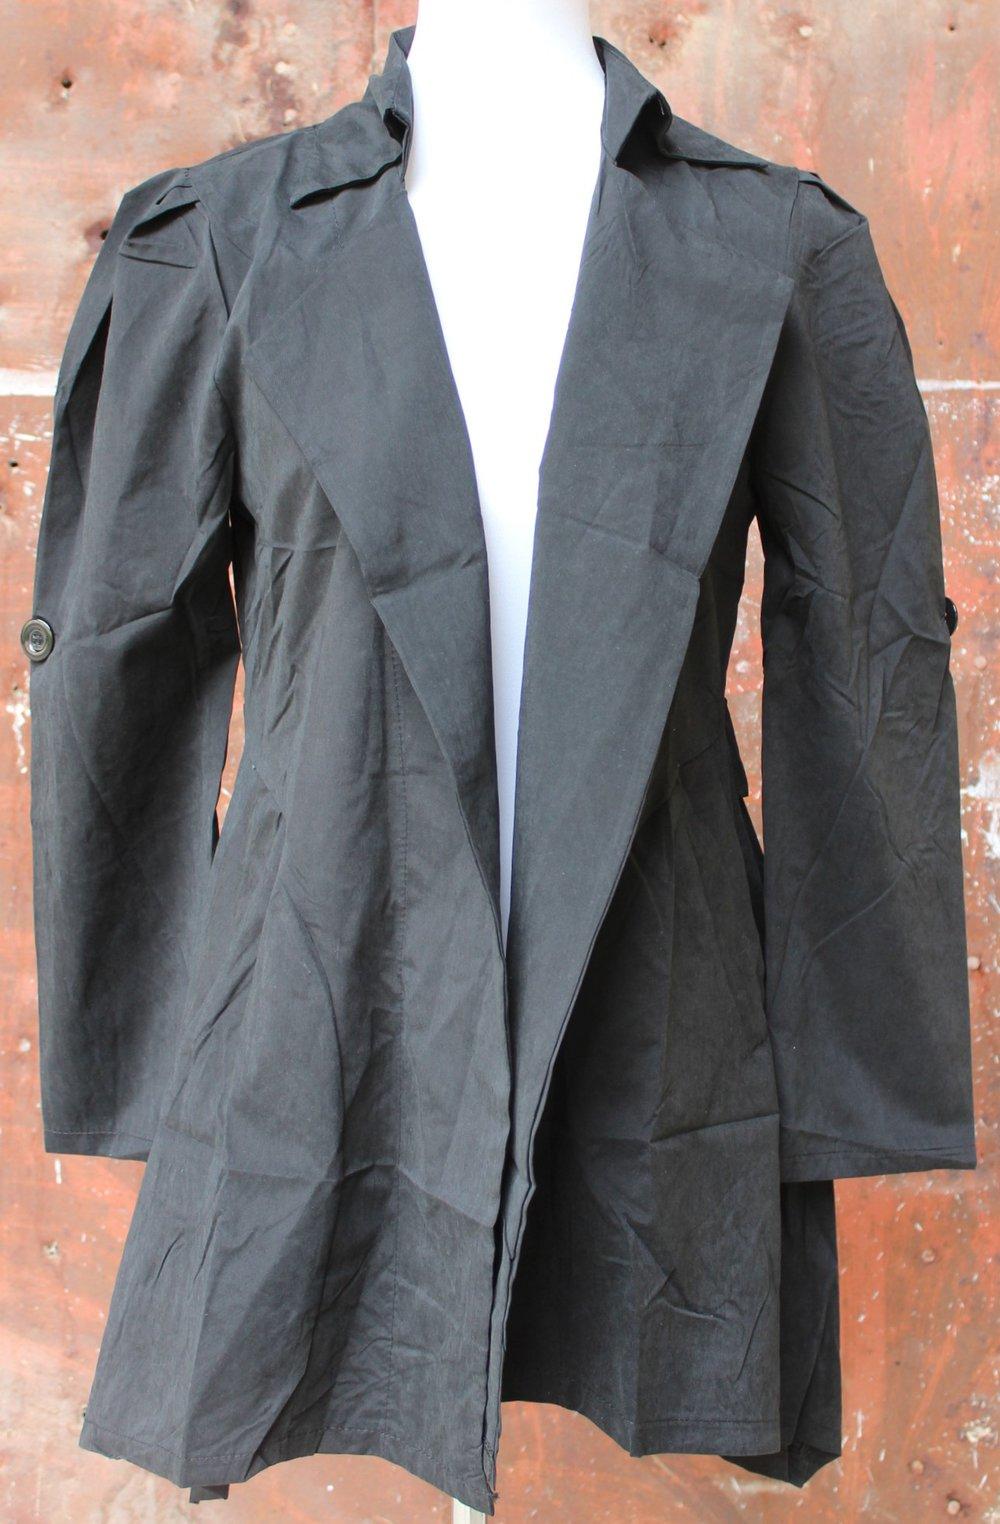 schwarze dünne asymmetrische Jacke, ca. Größe 38-40    Kleiderkorb.de cc5e3a80ee